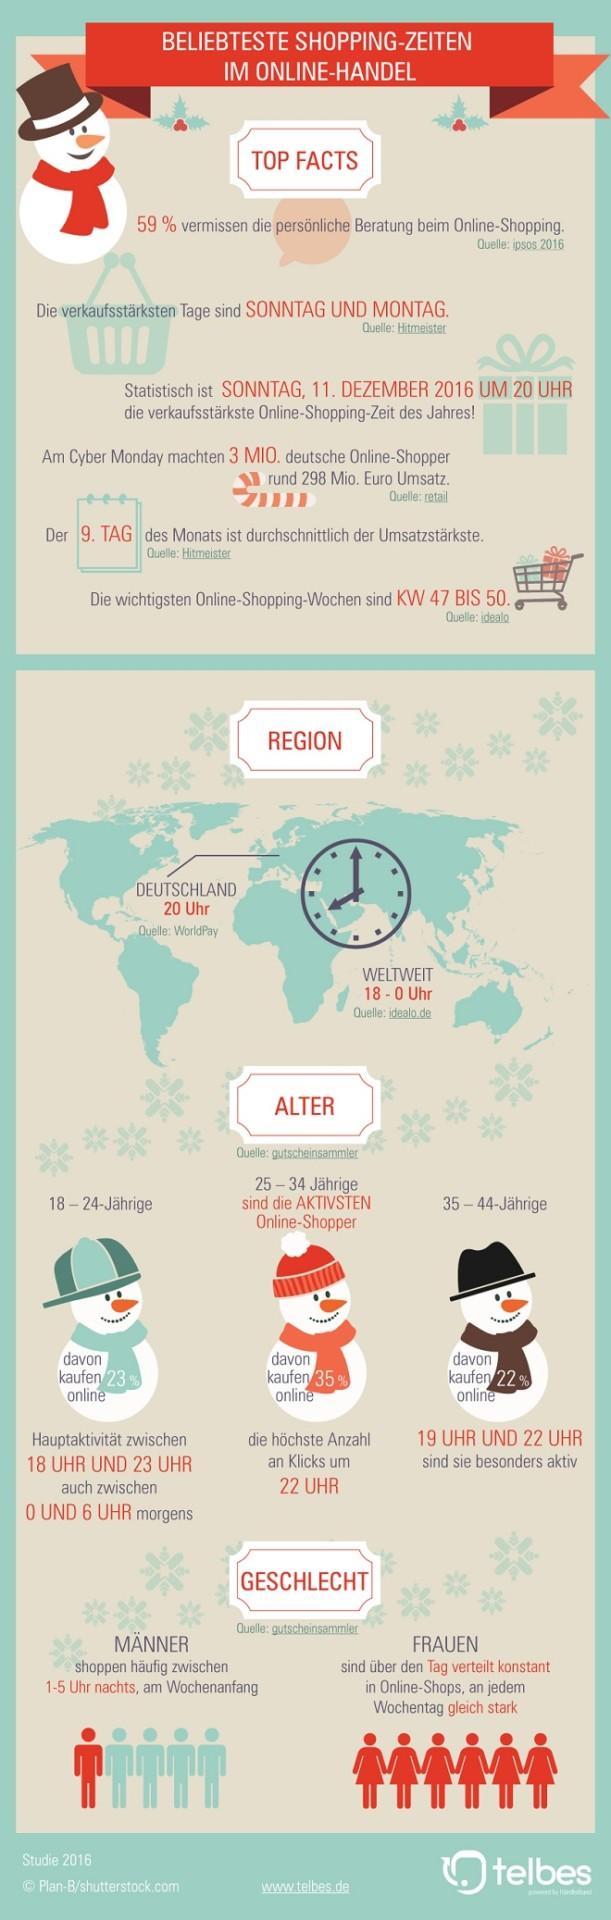 shoppingzeiten_infografik